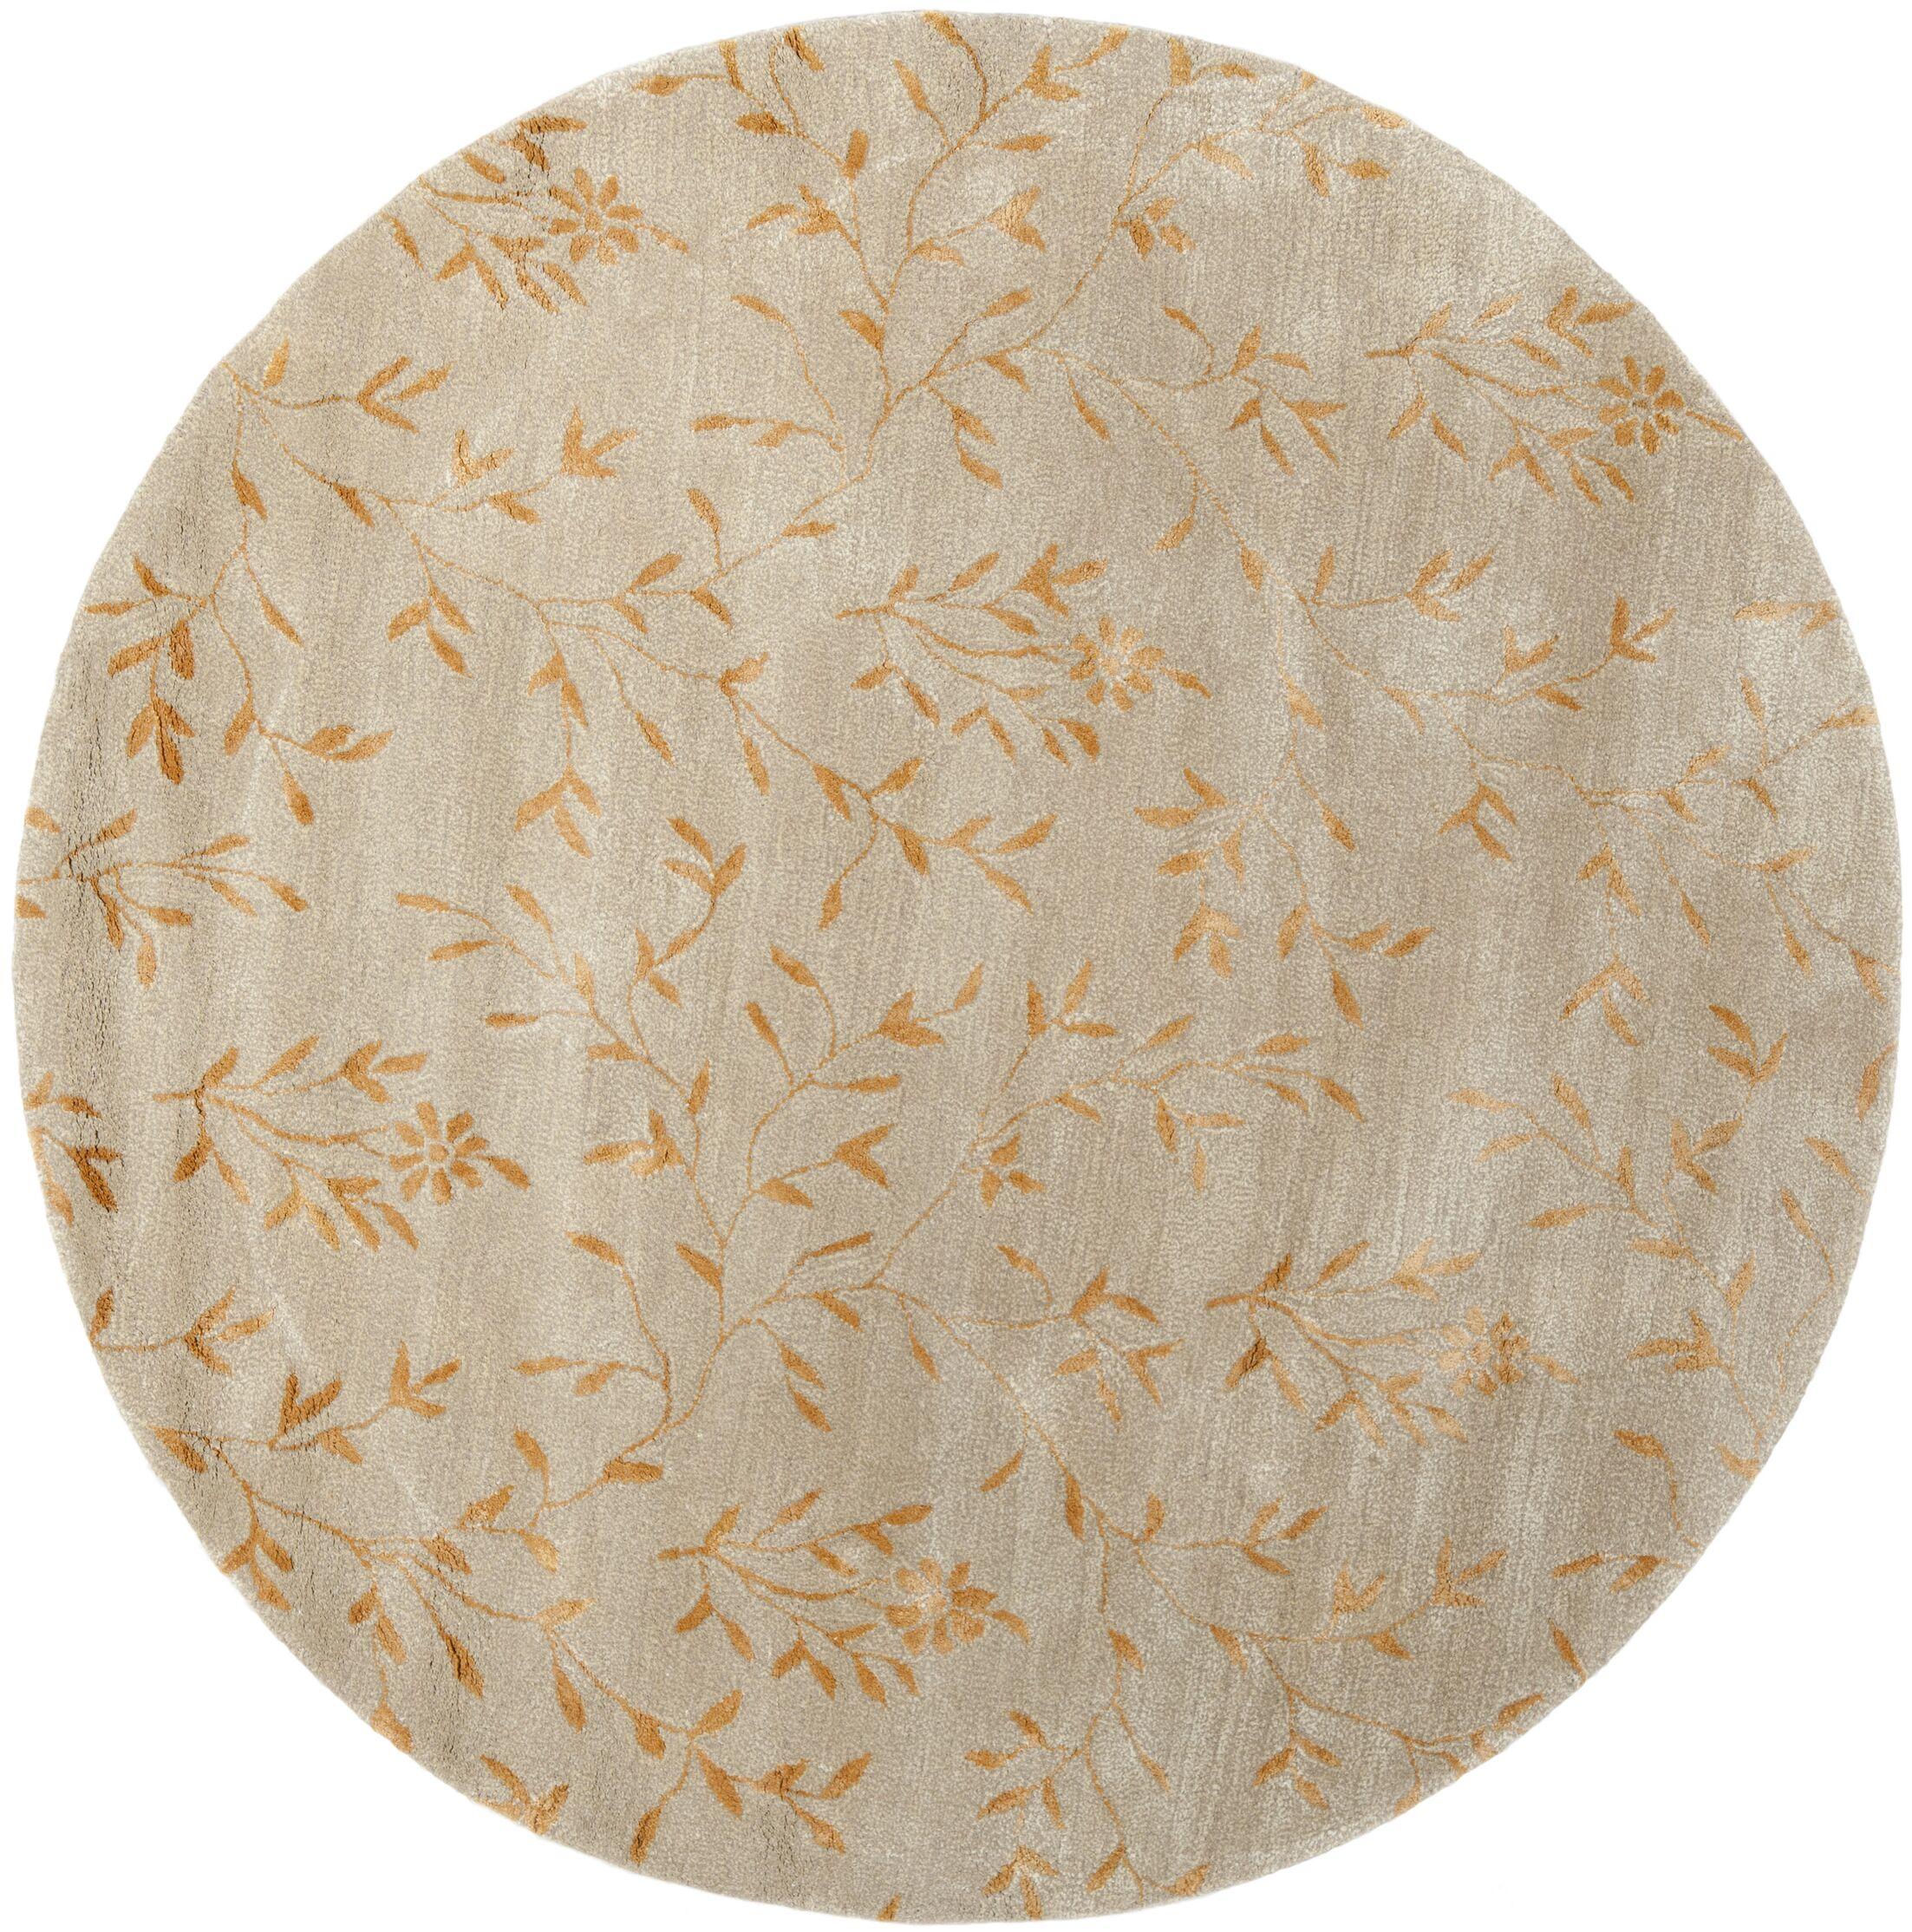 Alvan Hand-Tufted Beige/Orange Area Rug Rug Size: Round 6'